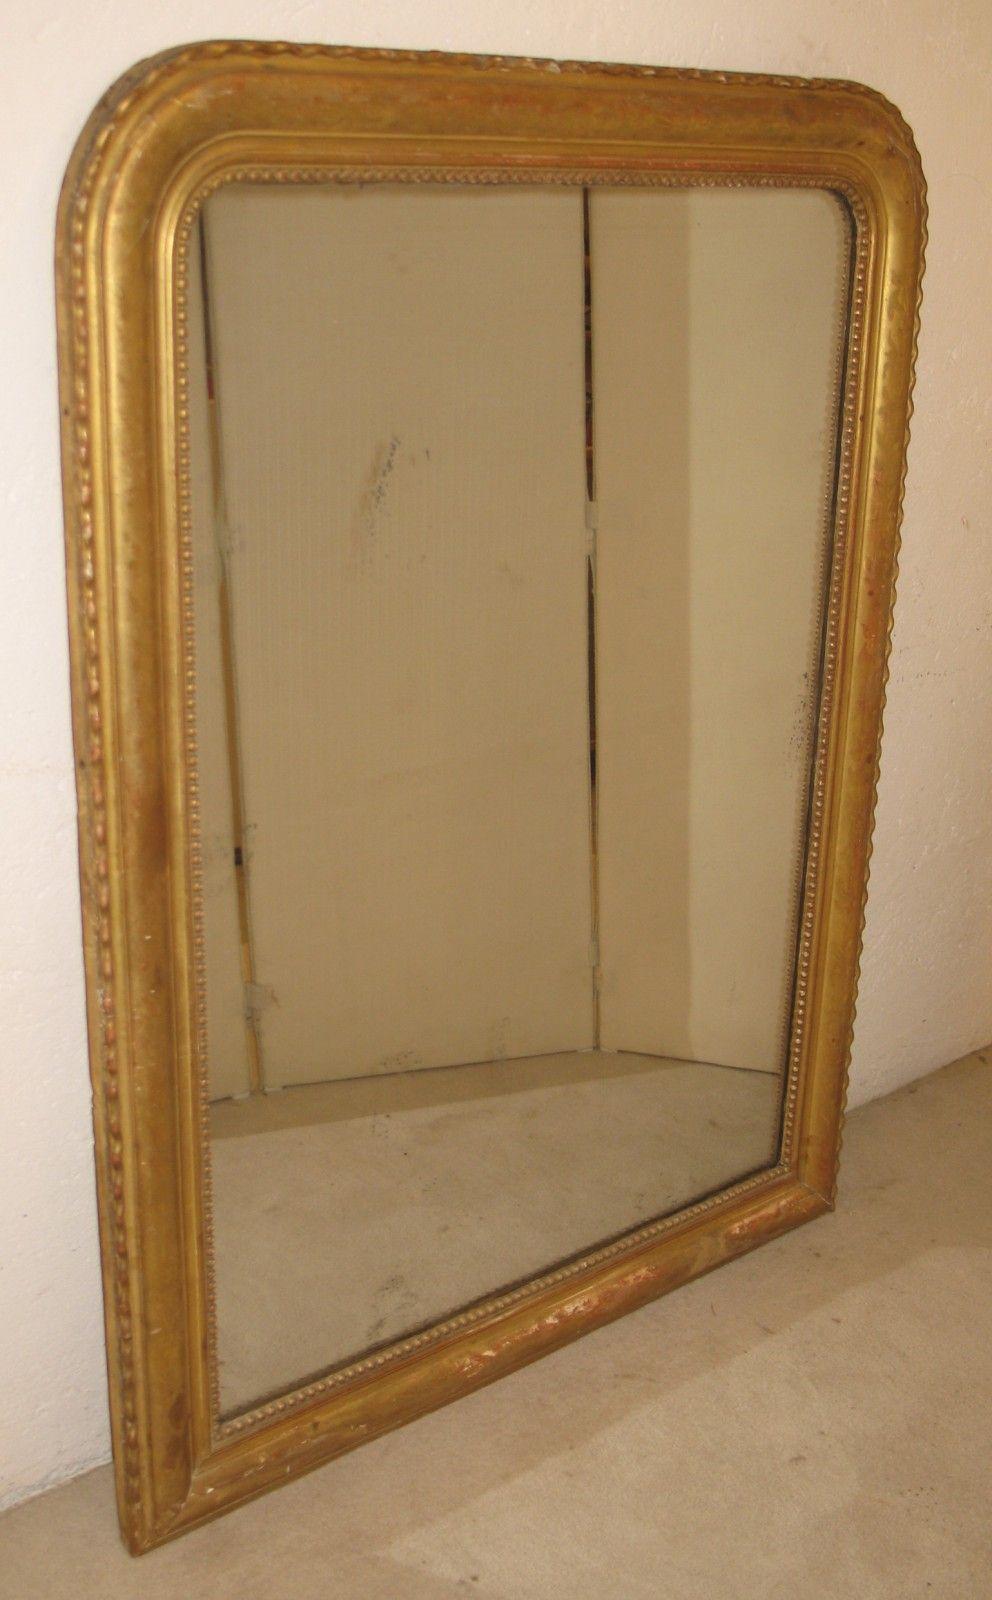 Plus adapté redoutable grand miroir cadre doré | Intérior Design en 2019 QQ-06